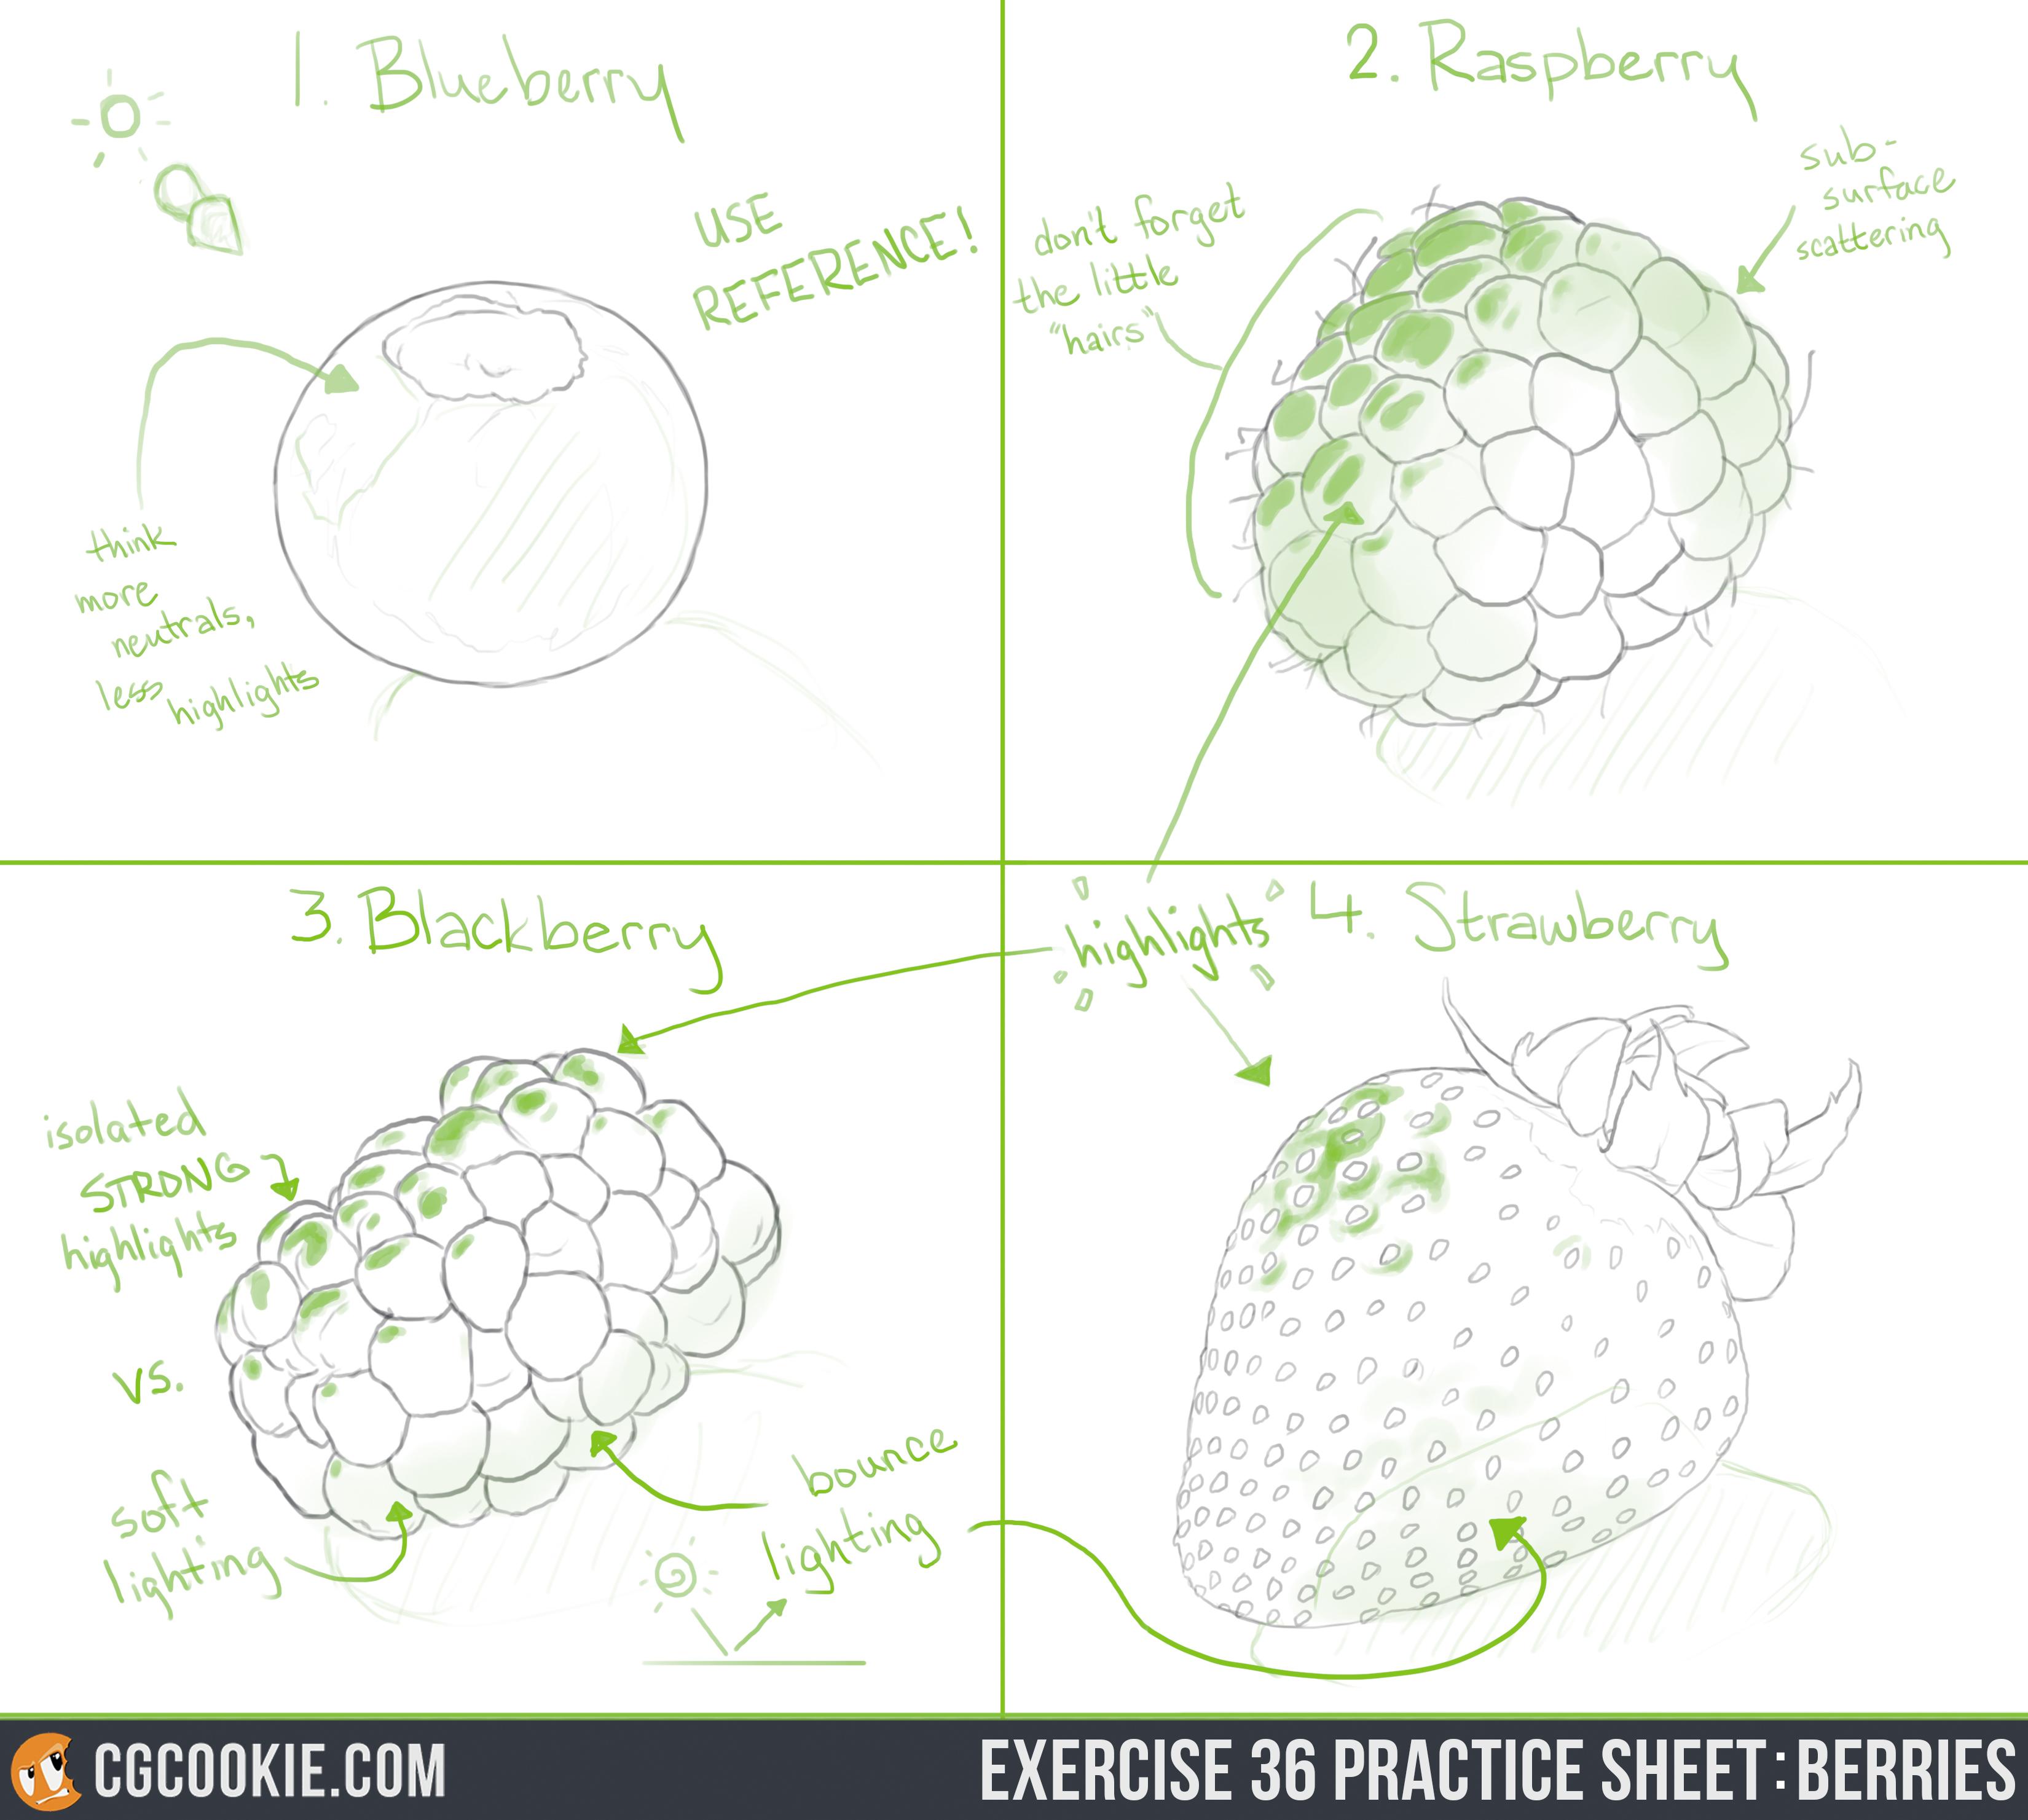 Exercise_36_PracticeSheet